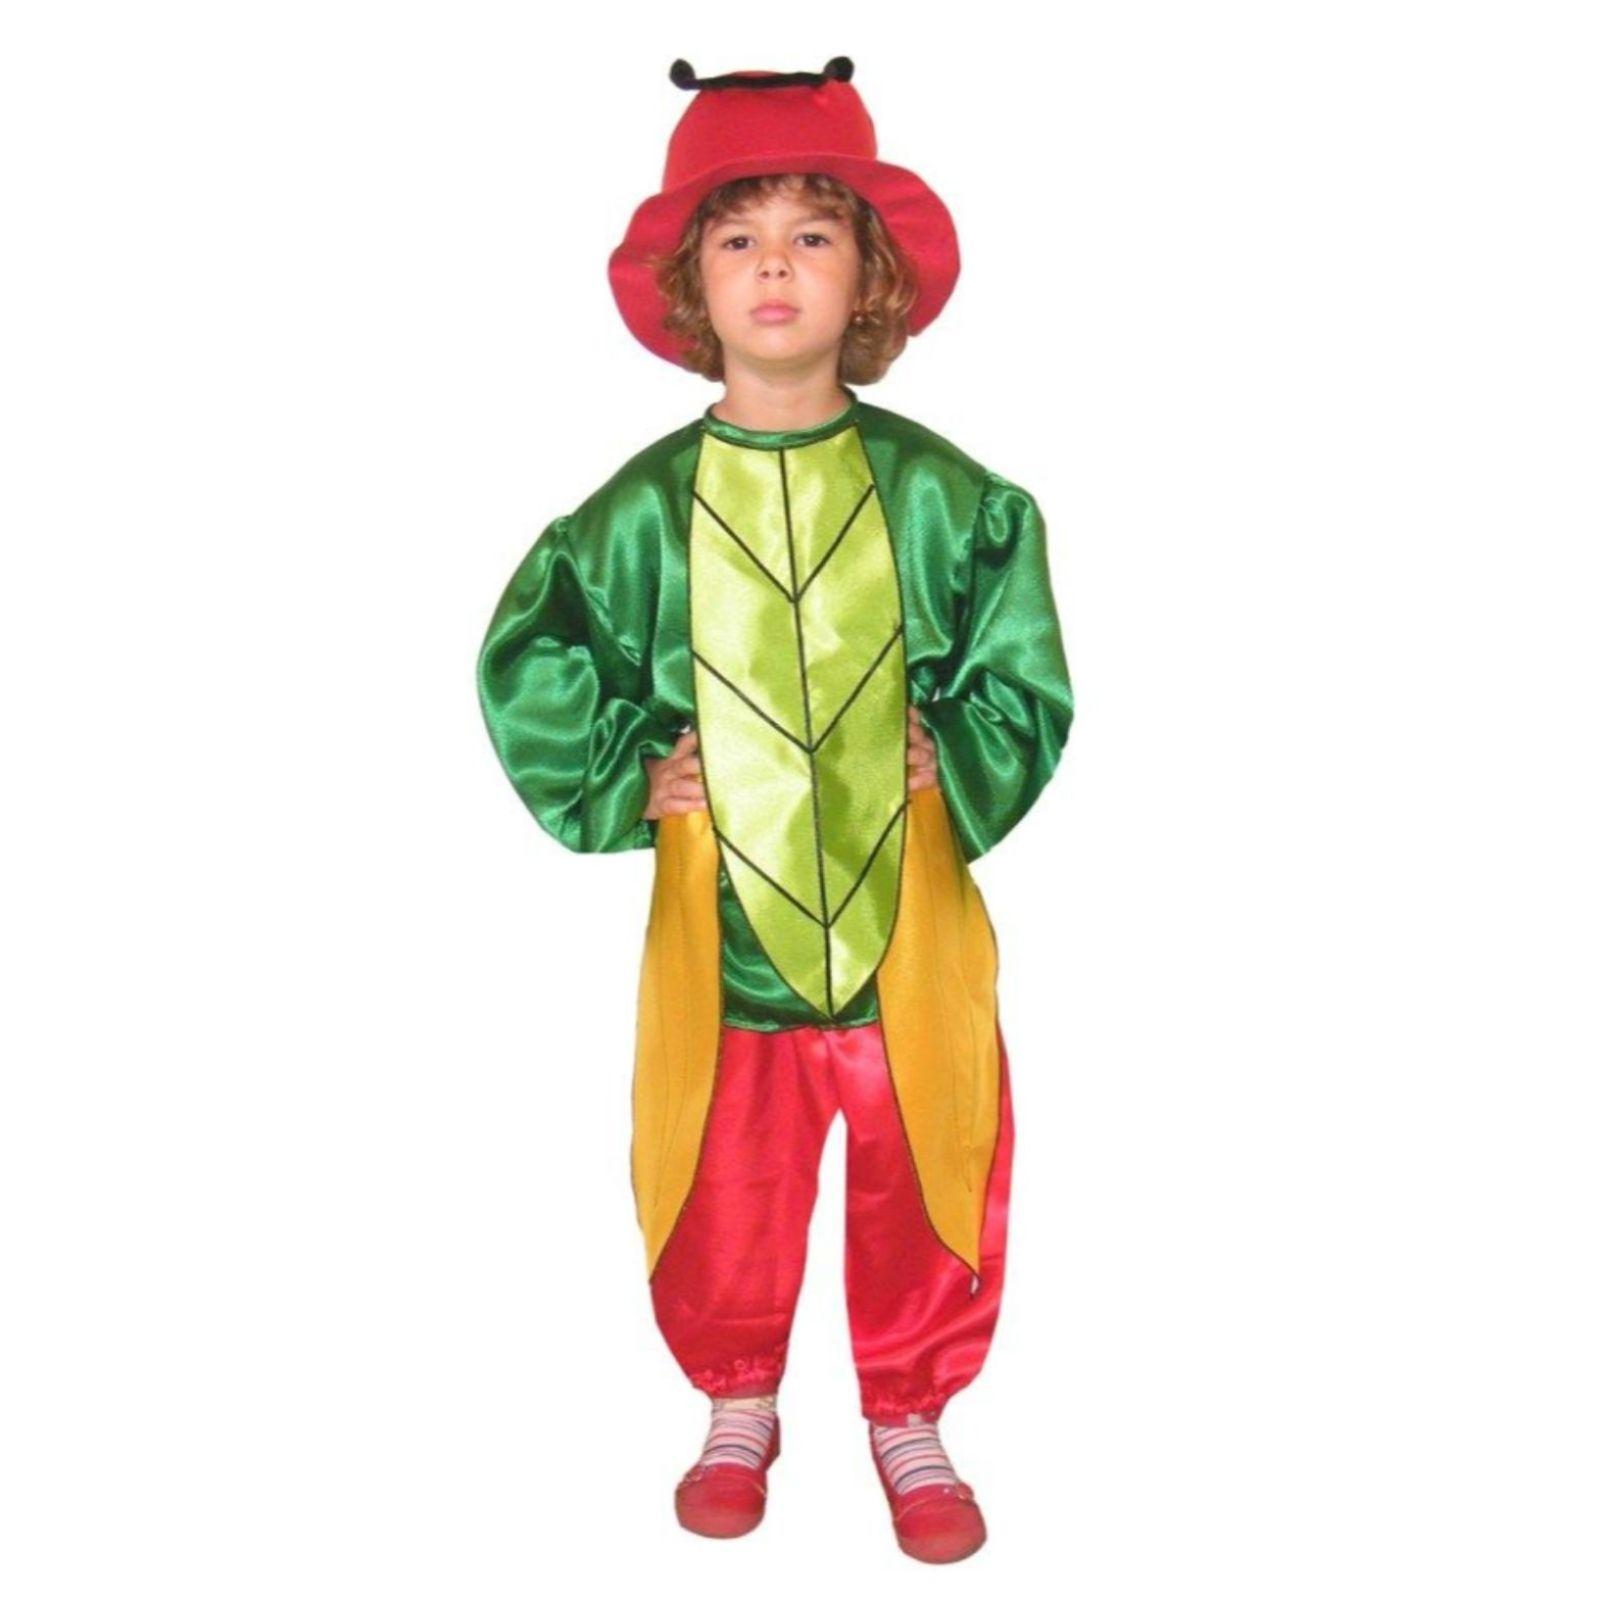 Costum de greiere colorat sau costum de licurici 1